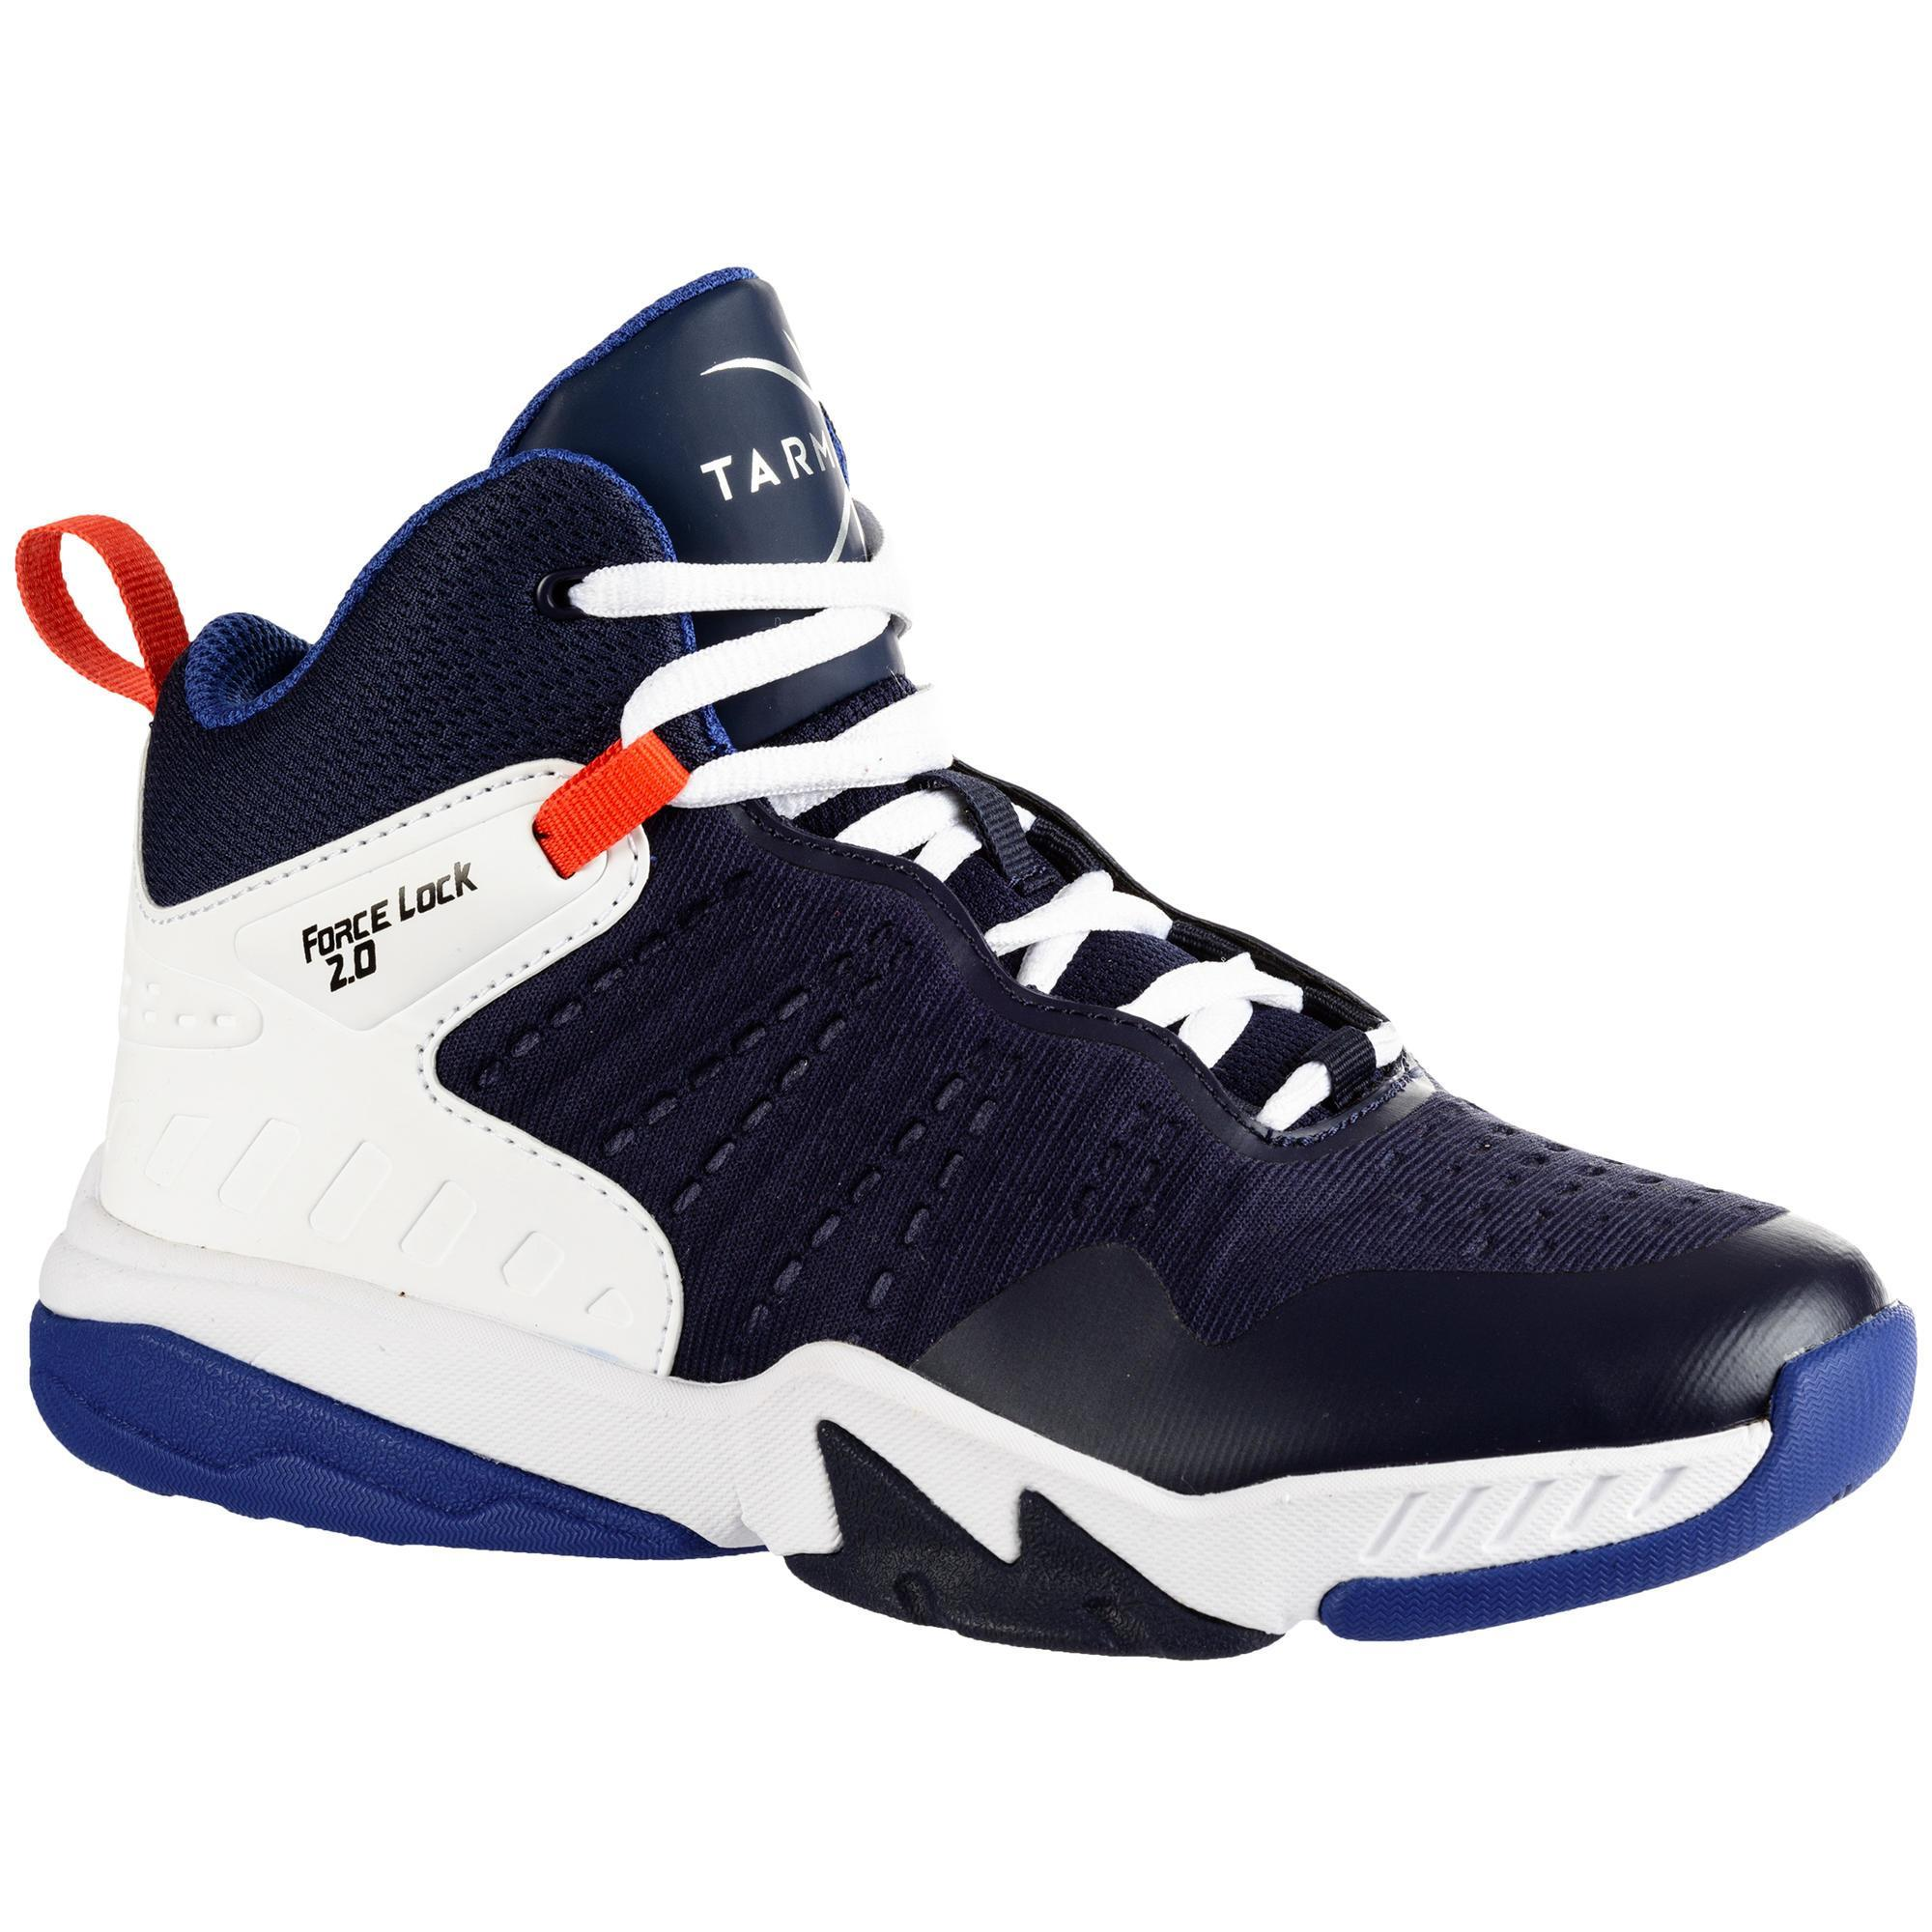 mayor selección precios baratass modelos de gran variedad Comprar Zapatillas de Baloncesto online | Decathlon